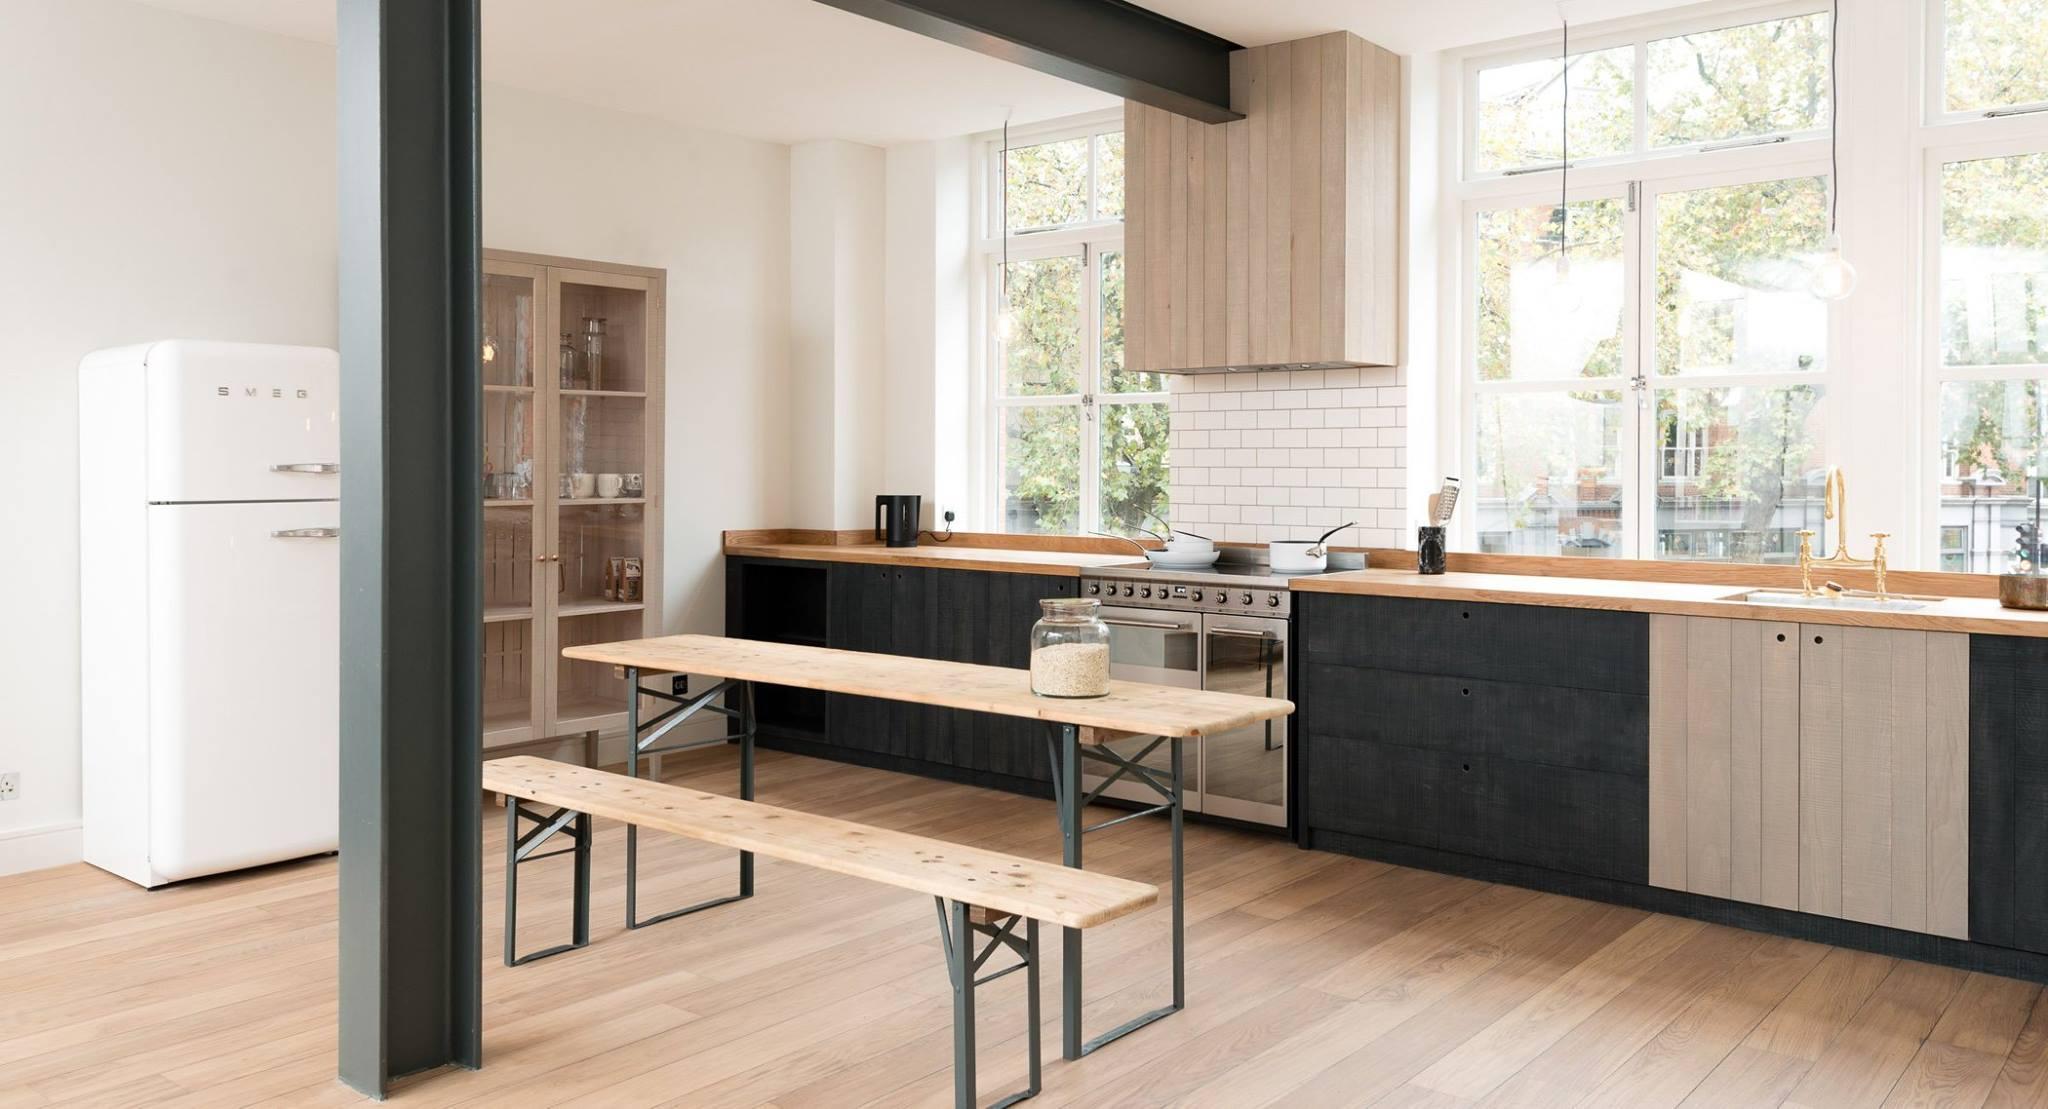 smegcocinas-con-estilo-propioelectrodomesticos-smeg-estilo-nordico-cocinascocinas-modernascocinas-vintagecocinas-tres-cantos-3-cantos-cocinas-3